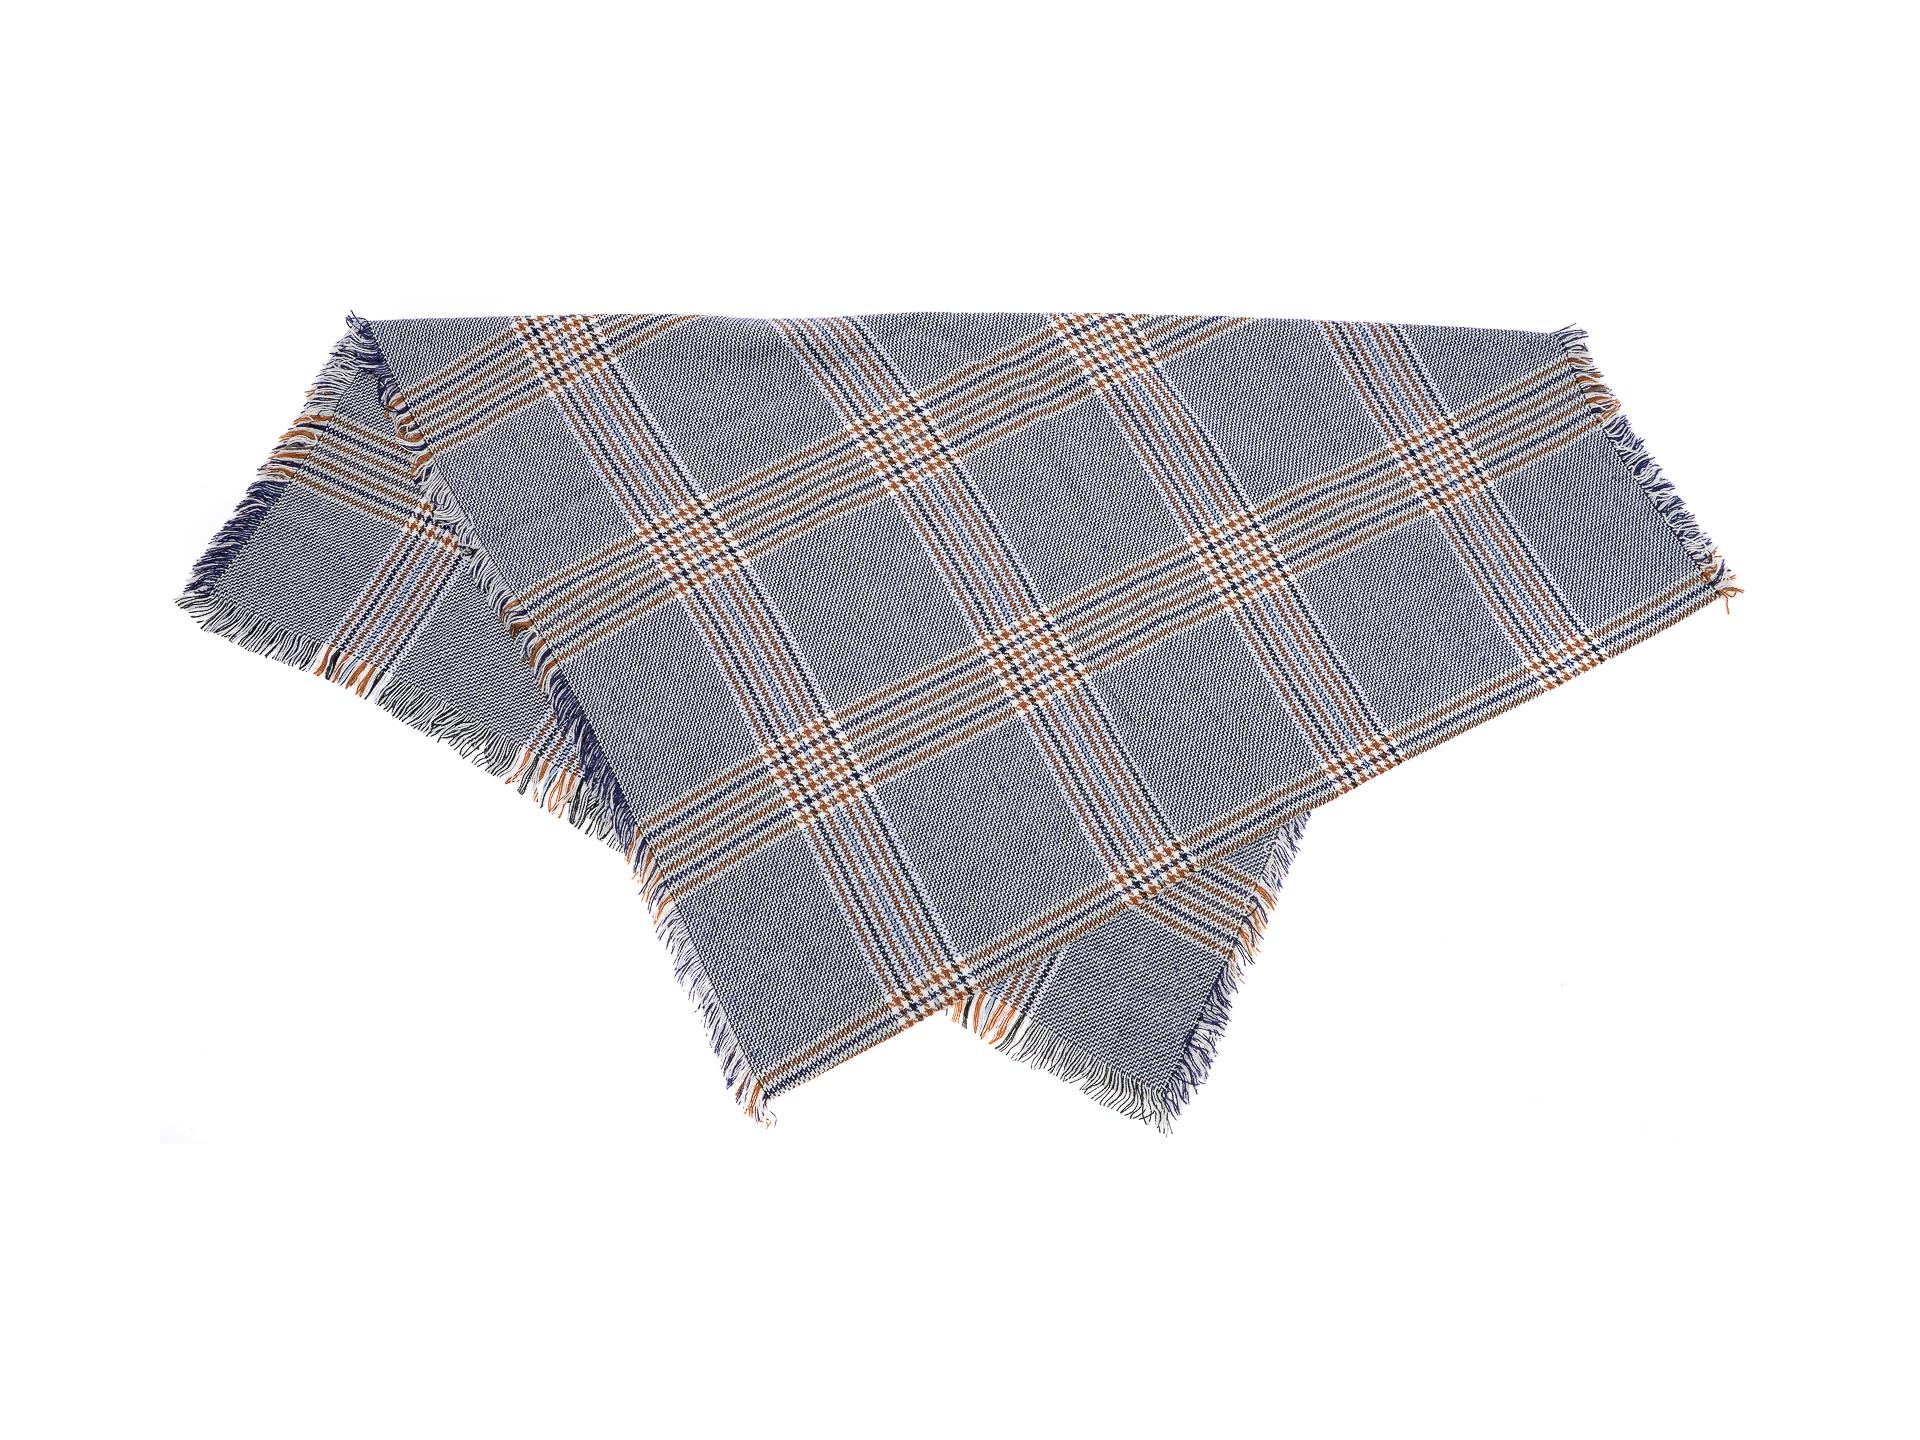 Esarfa ALDO bleumarin, Minos410, din material textil New